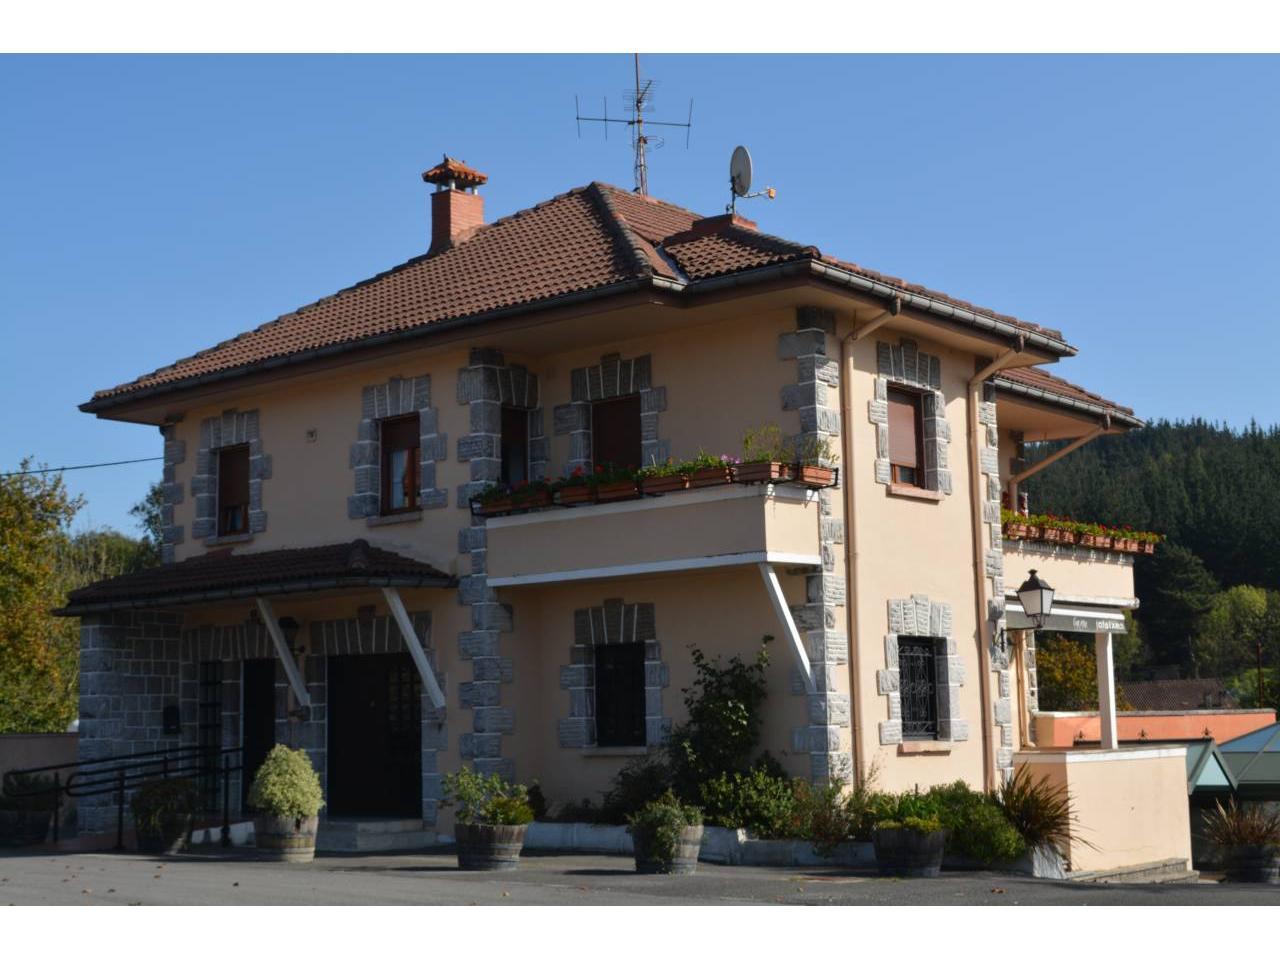 Inmobiliaria larrea local comercial en venta en - Inmobiliarias en amorebieta ...